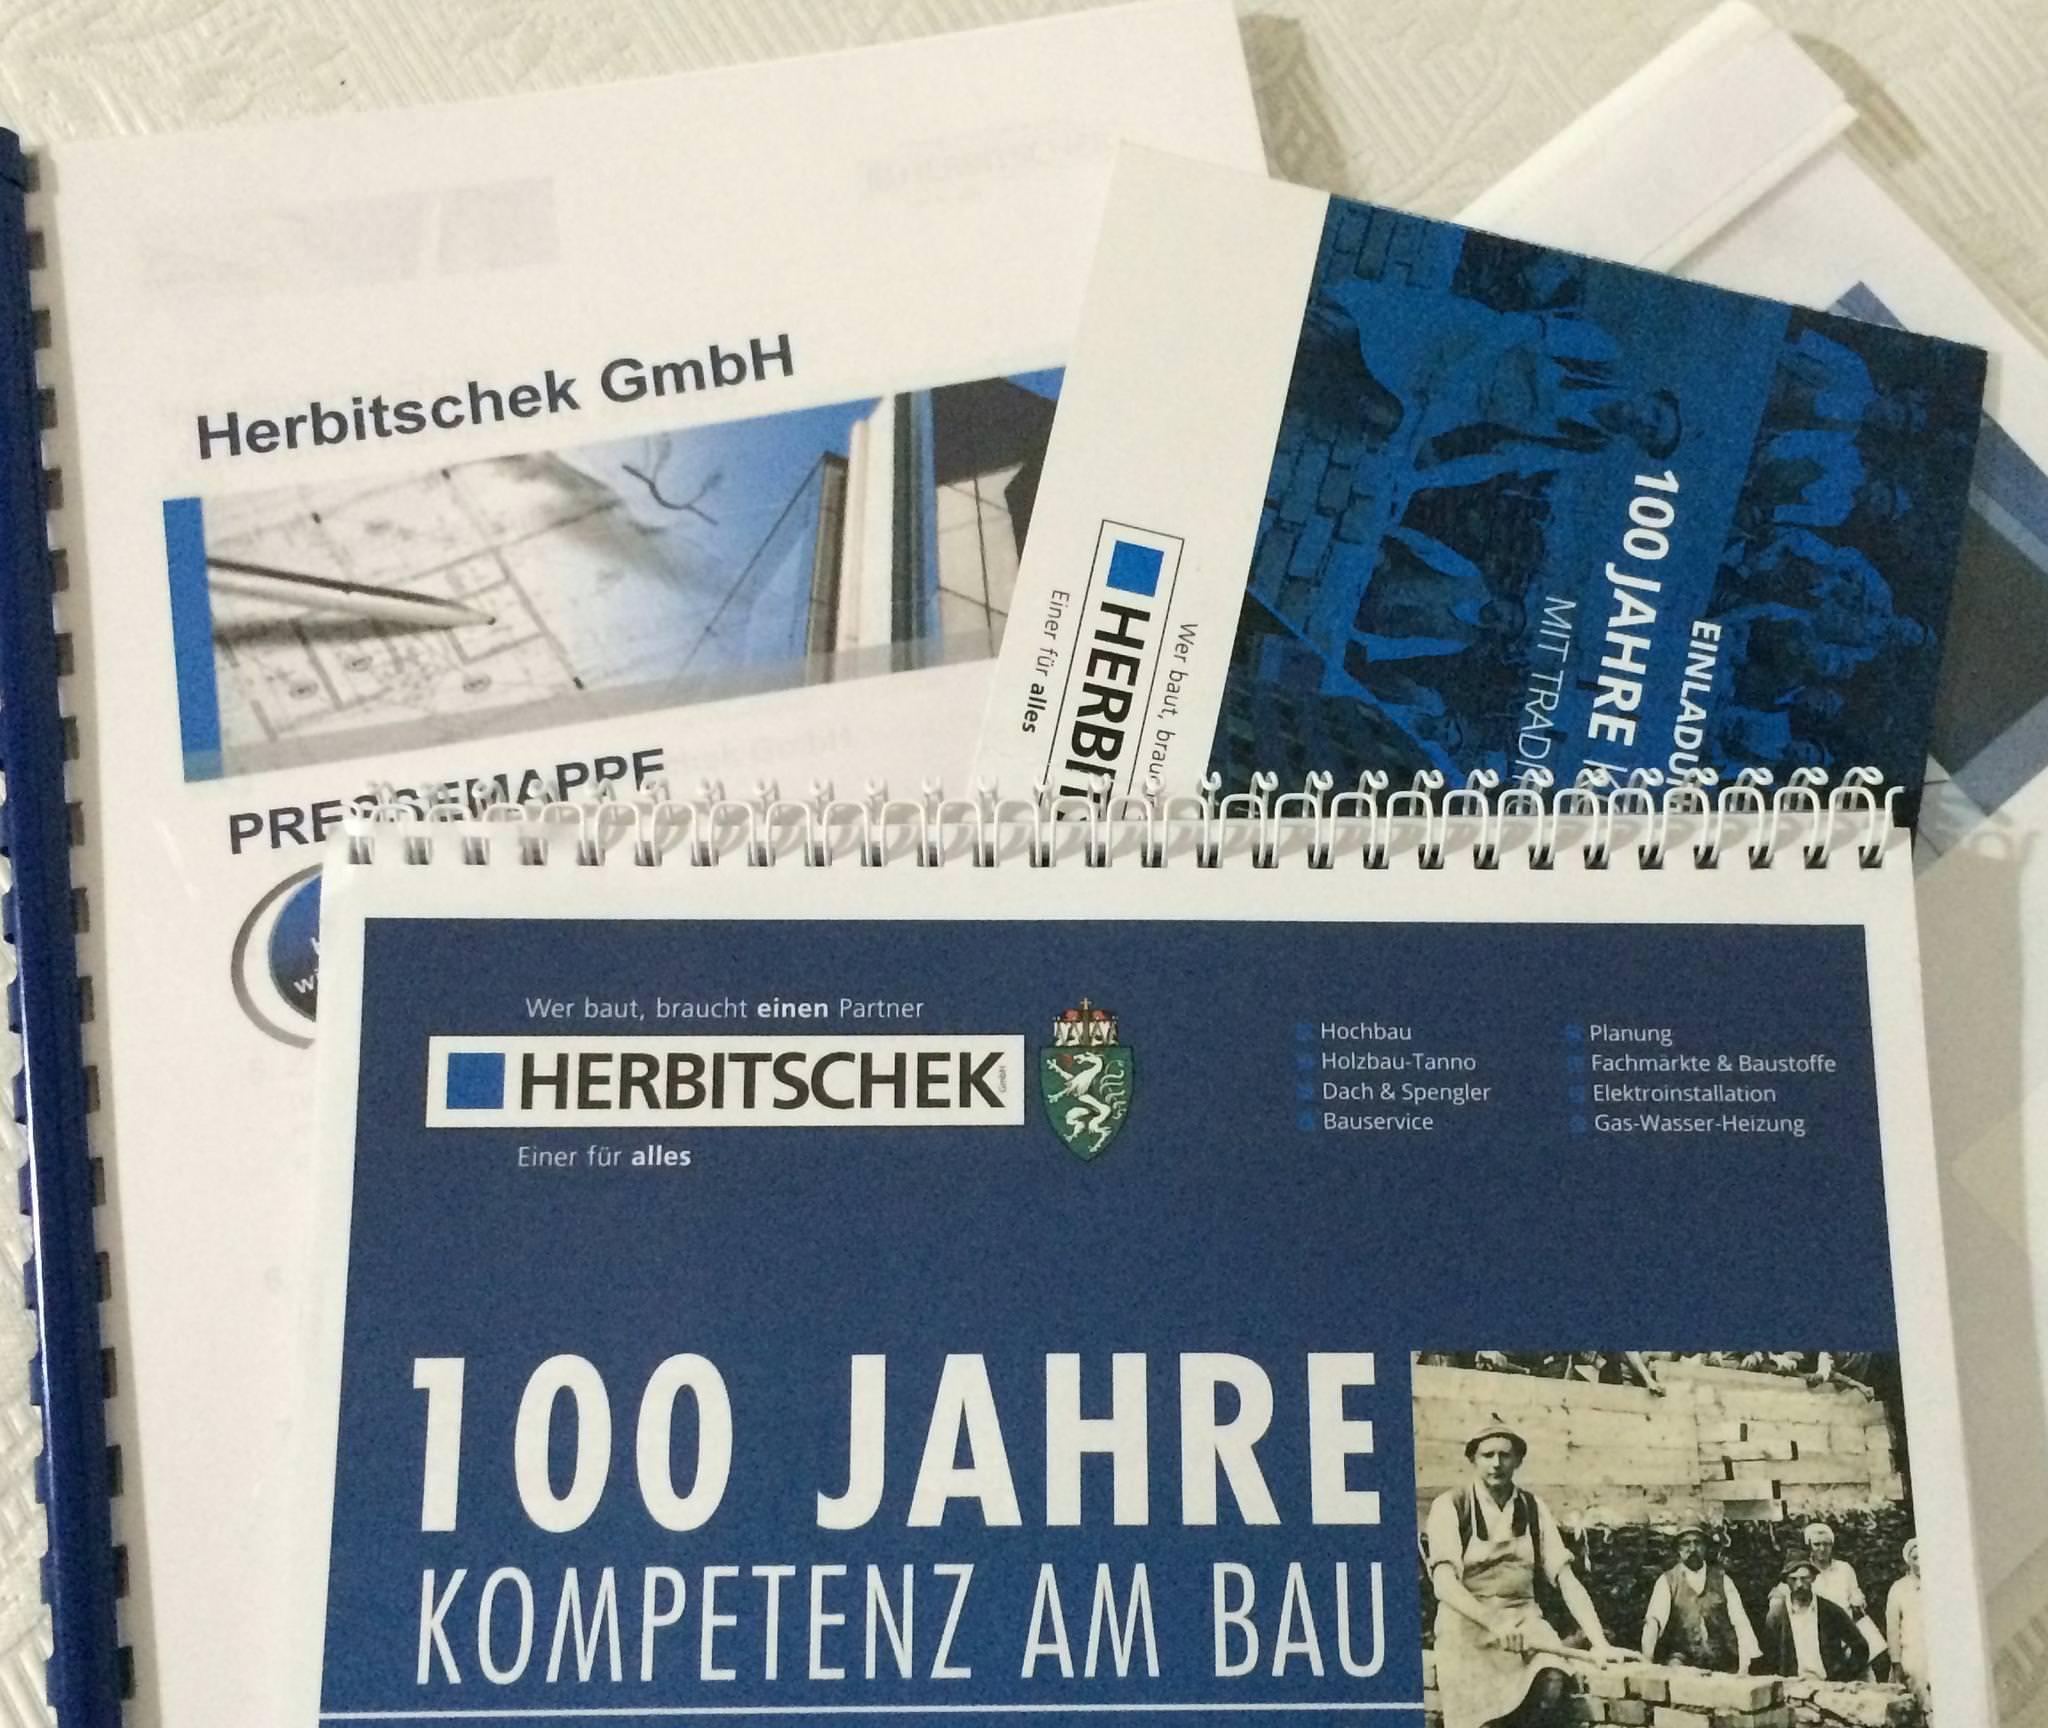 100 Jahre Kompetenz am Bau: begleitende Projektarbeit online & offline,  Regieplan Jubiläumsfeier, Reden, PR für das Jubiläumsjahr der Herbitschek GmbH